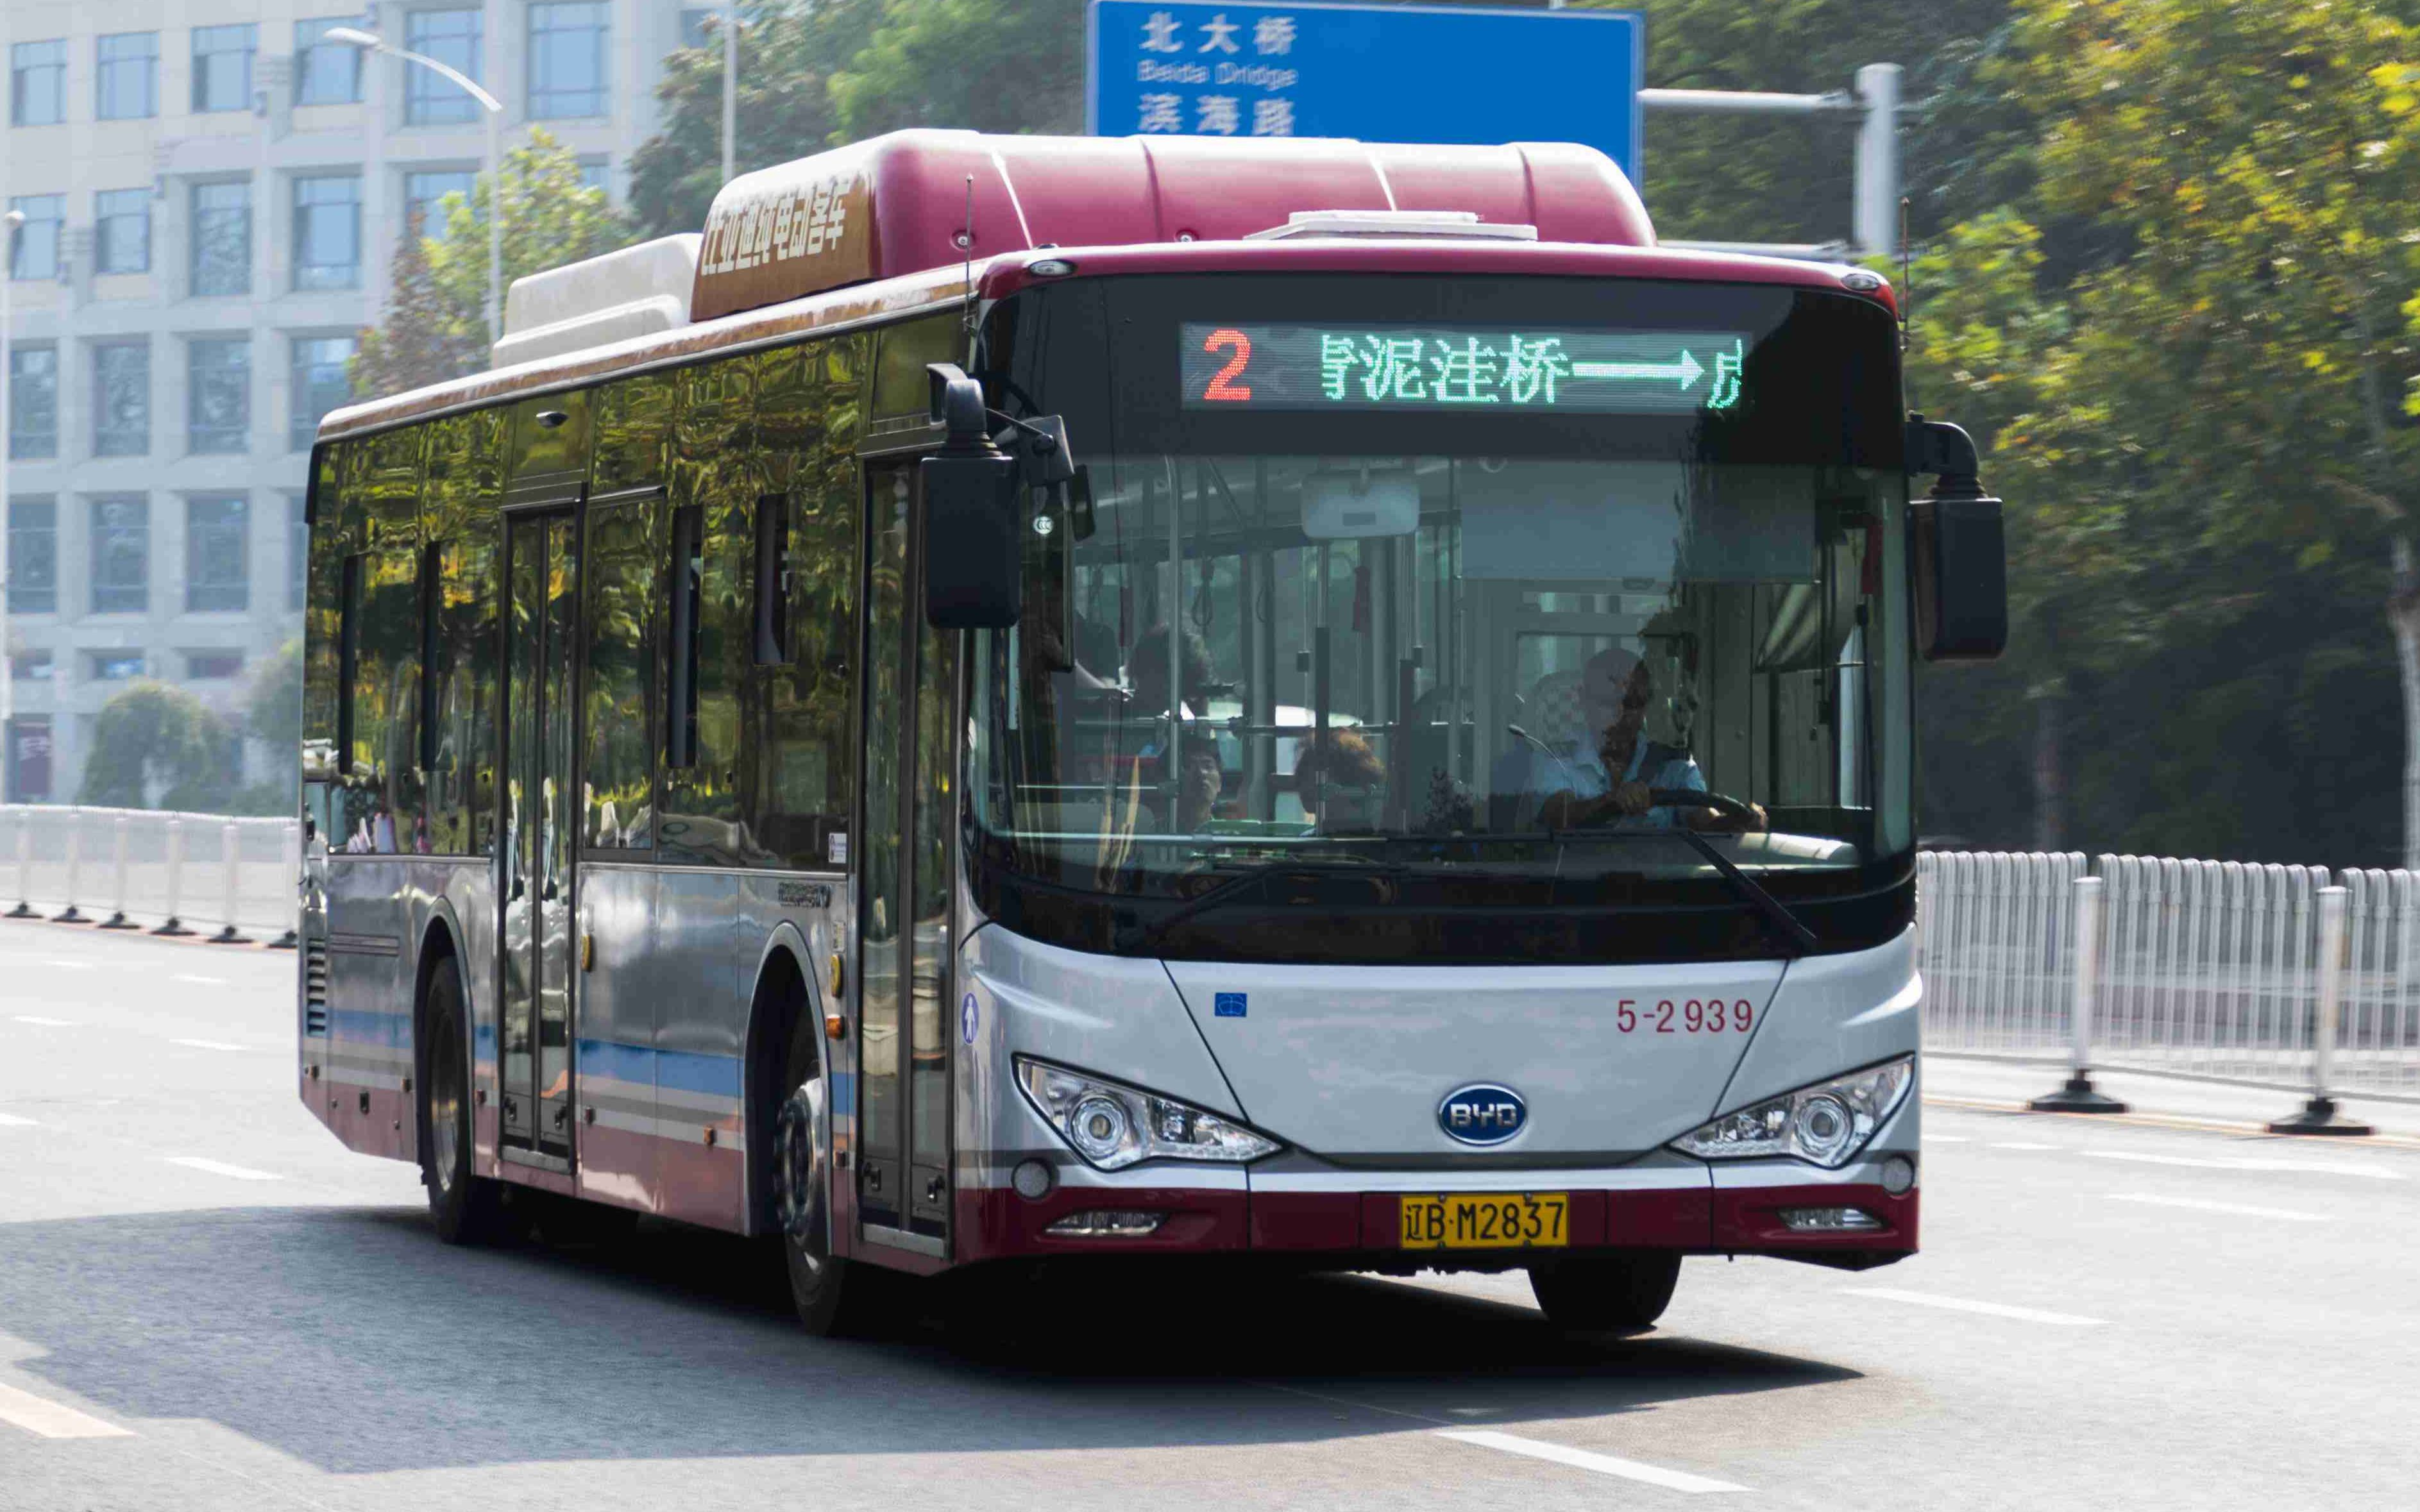 苏州游一公交车_坐公交车到苏州汽车南站_